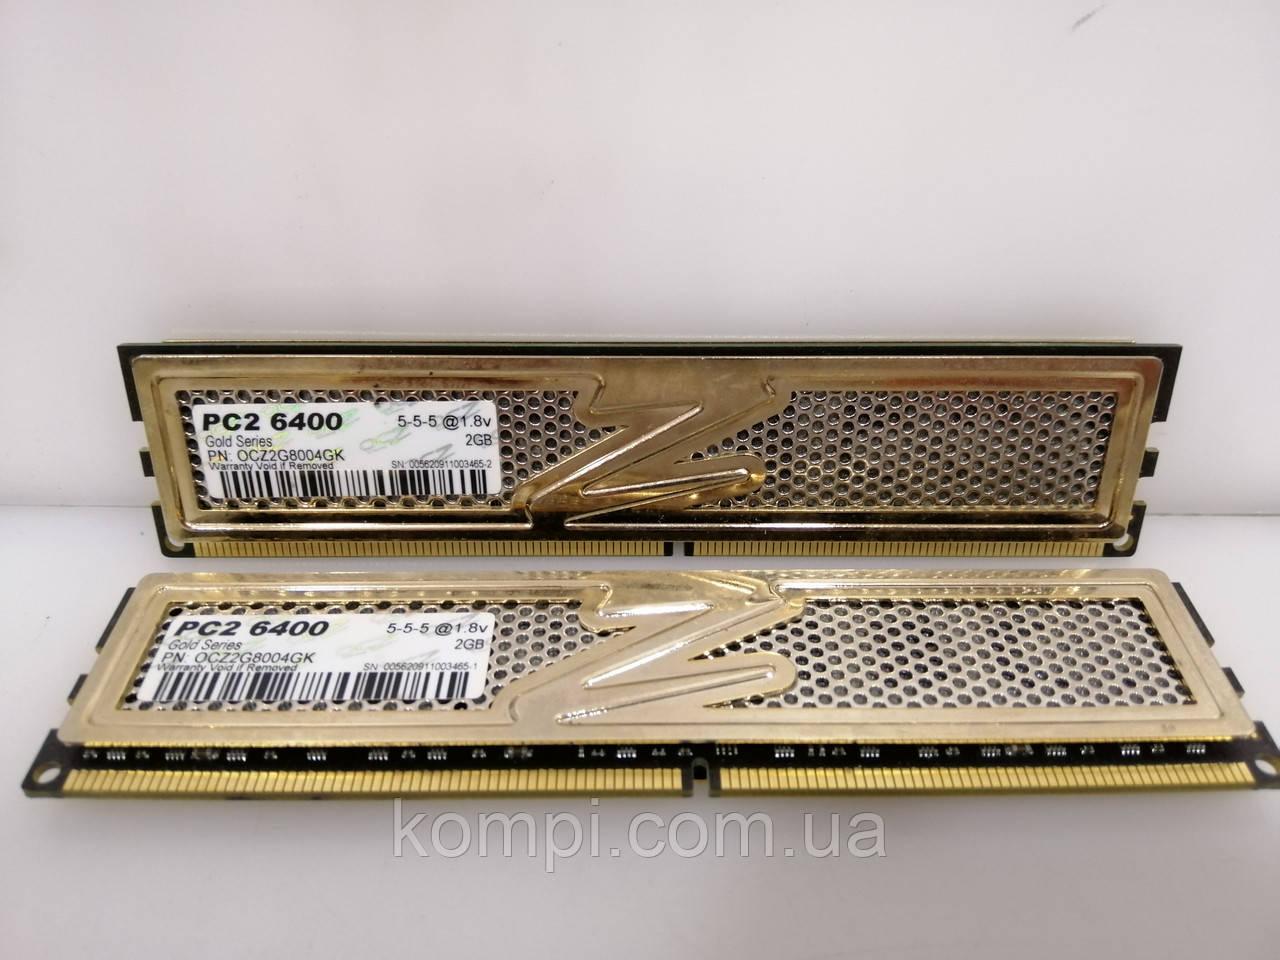 Оперативная память OZC TITANIUM 4Gb Kit (2x2Gb) DDR2 PC2-6400 радиатор